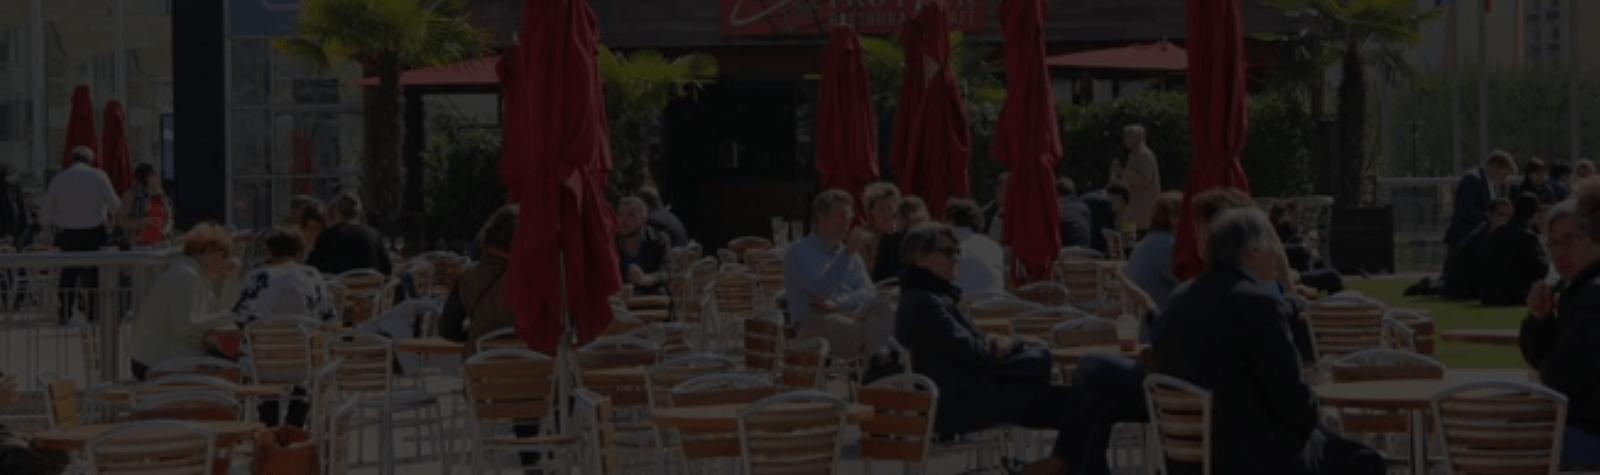 Terrasses : Paris La Défense annule les redevances d'occupation du domaine public pour les commerçants jusqu'au 30 juin 2020